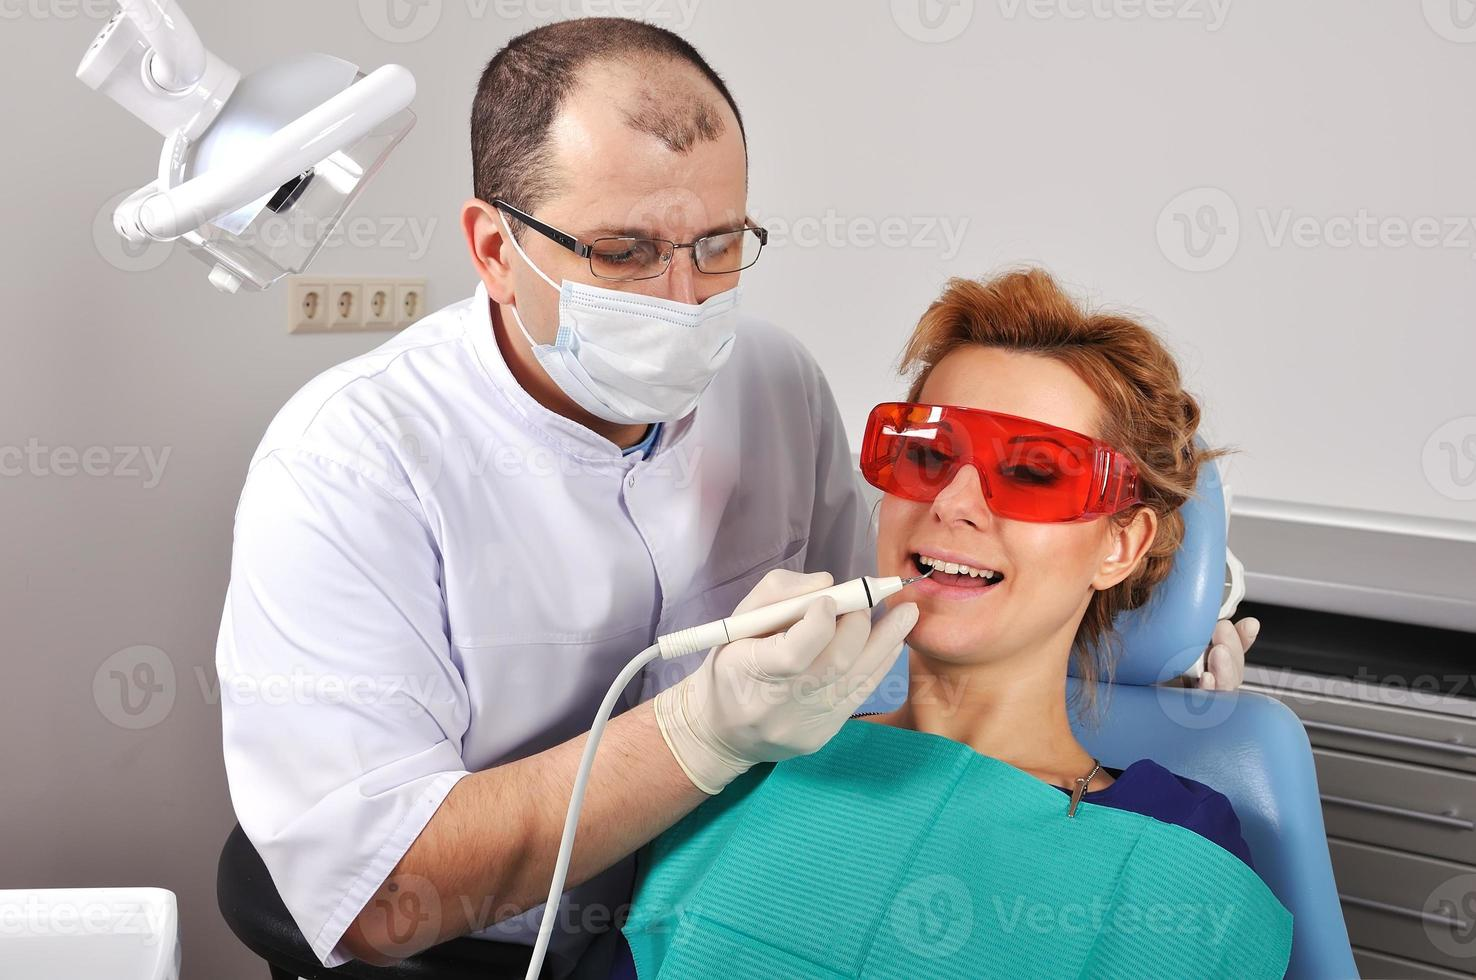 reinigt tanden foto